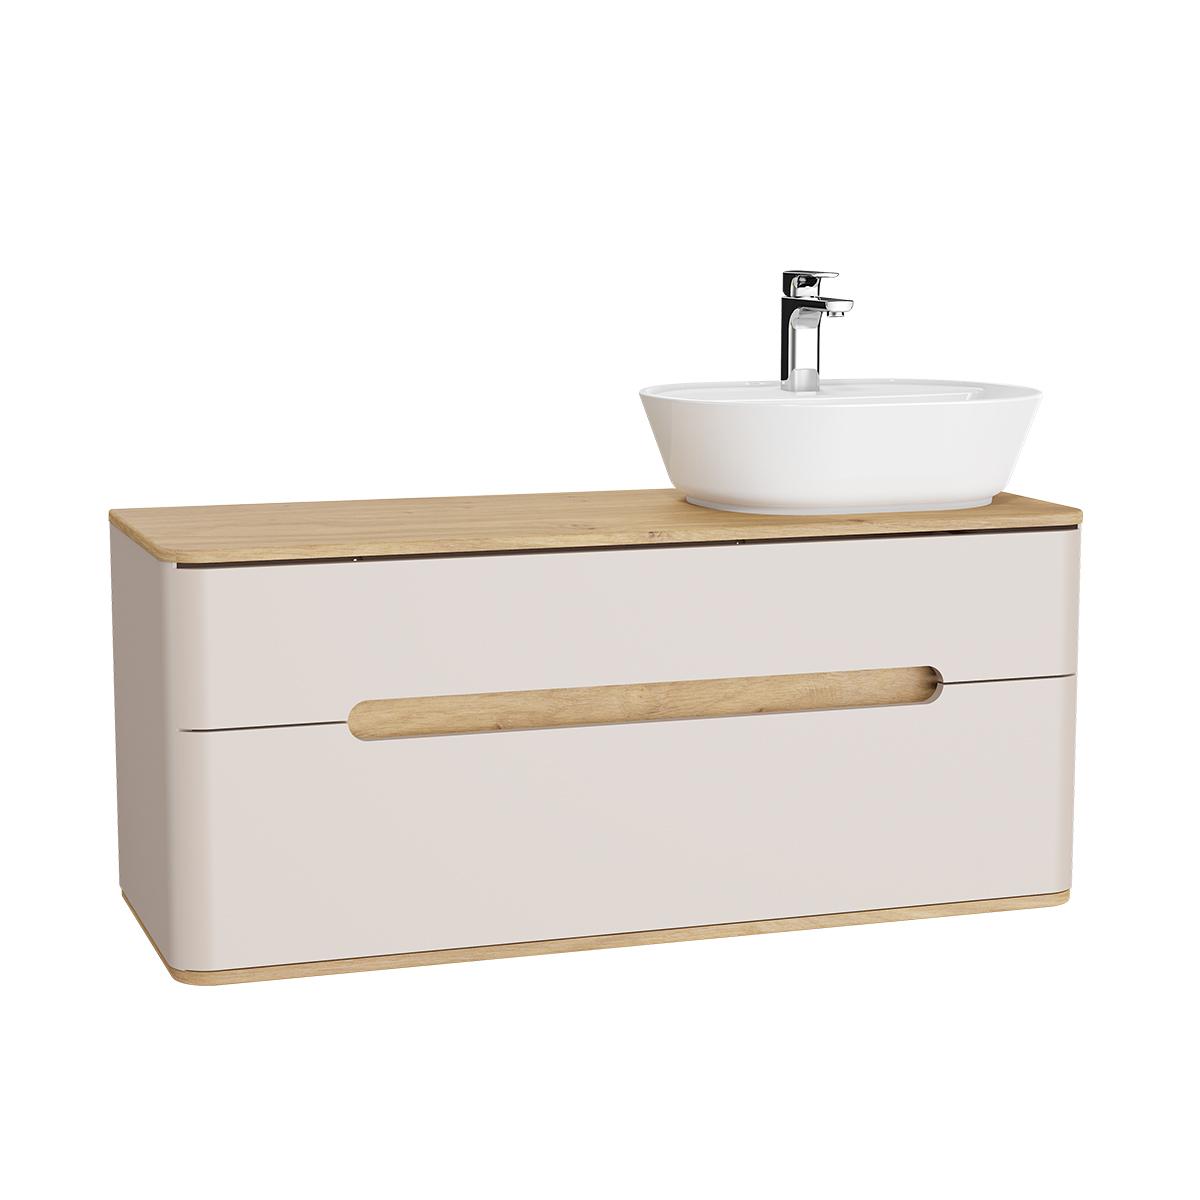 Sento Waschtischunterschrank, 122 cm, für Aufsatzwaschtische, mit 2 Vollauszügen, Waschtisch-Ausschnitt rechts, Crème Matt